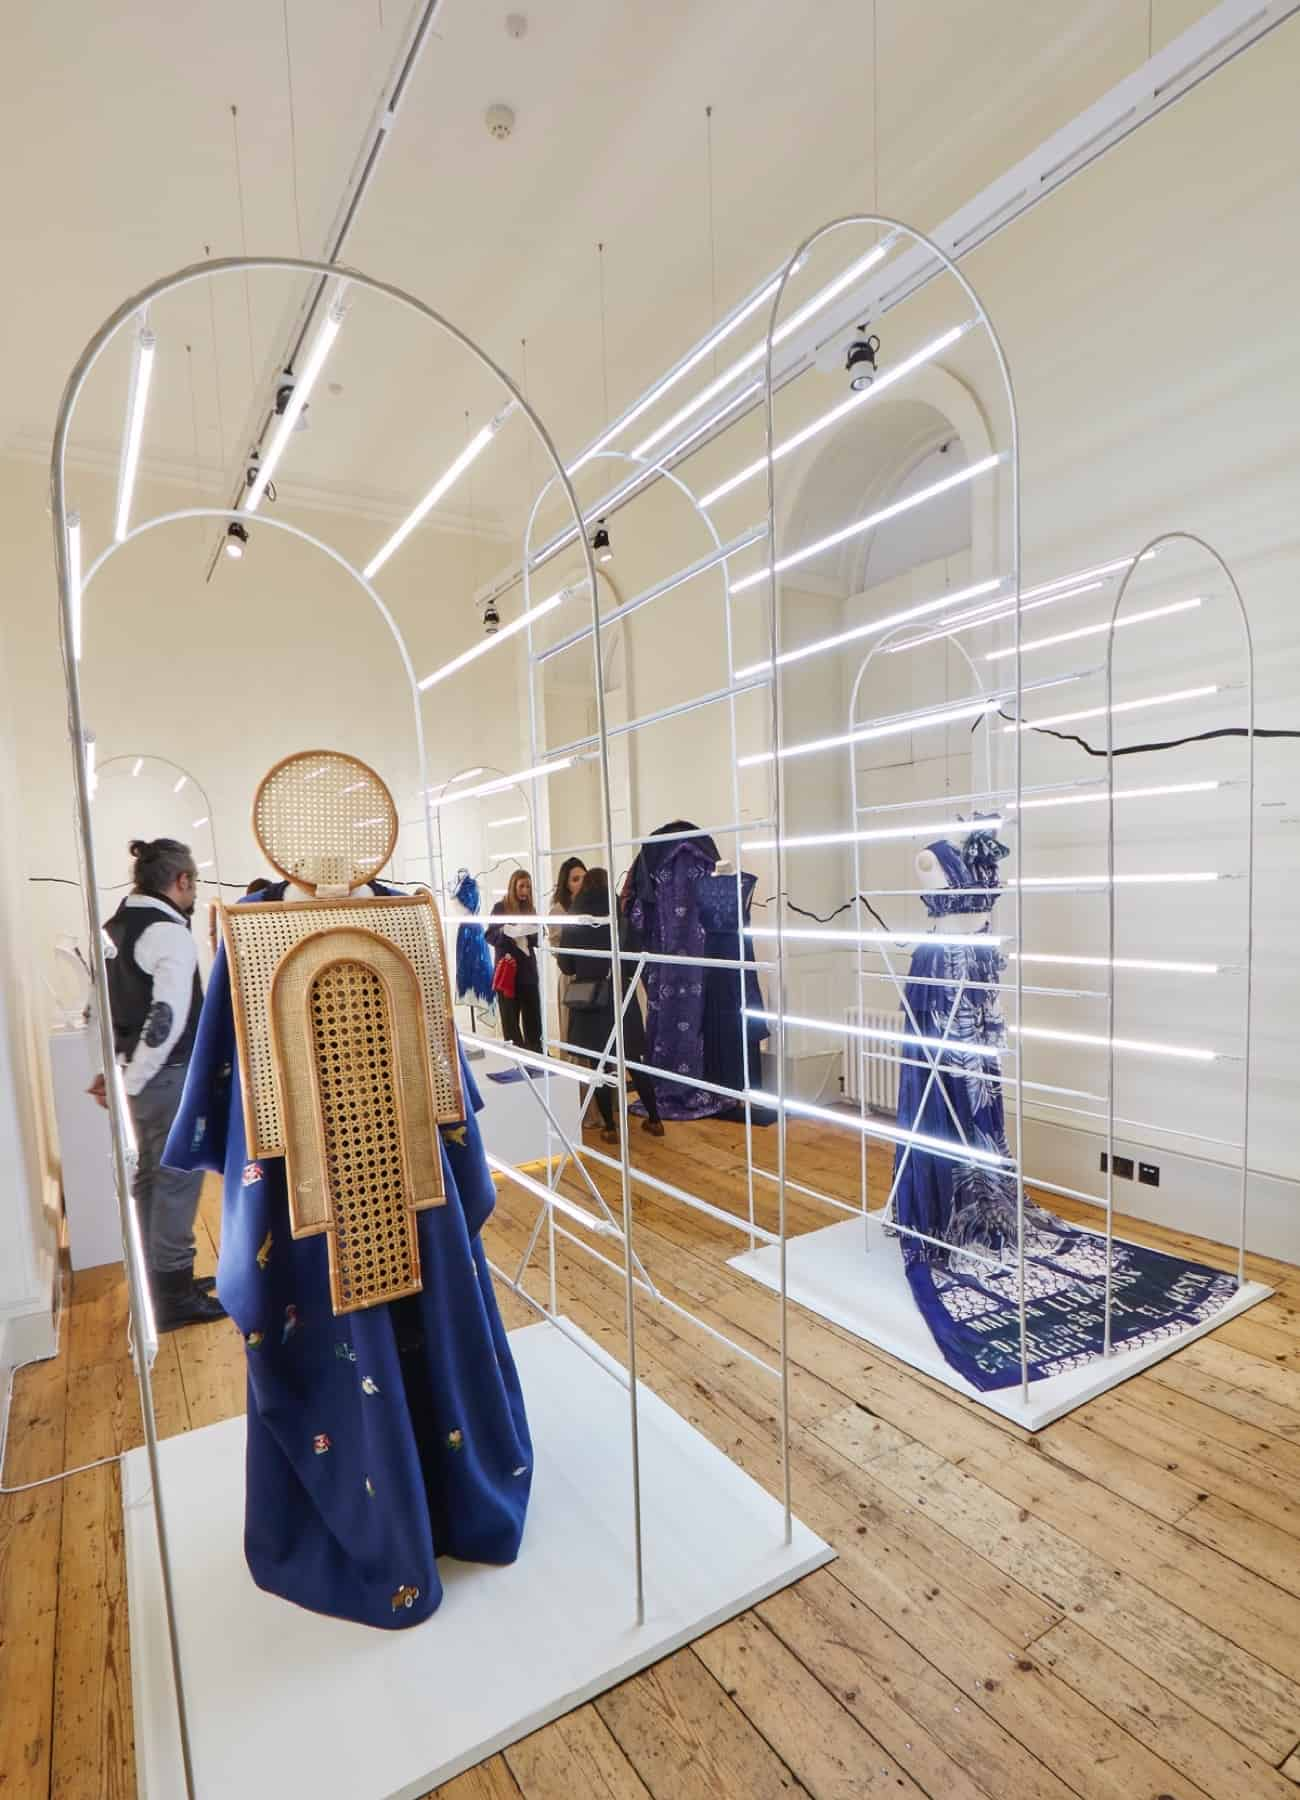 Blueprint Beirut ifs16 curator award 2016